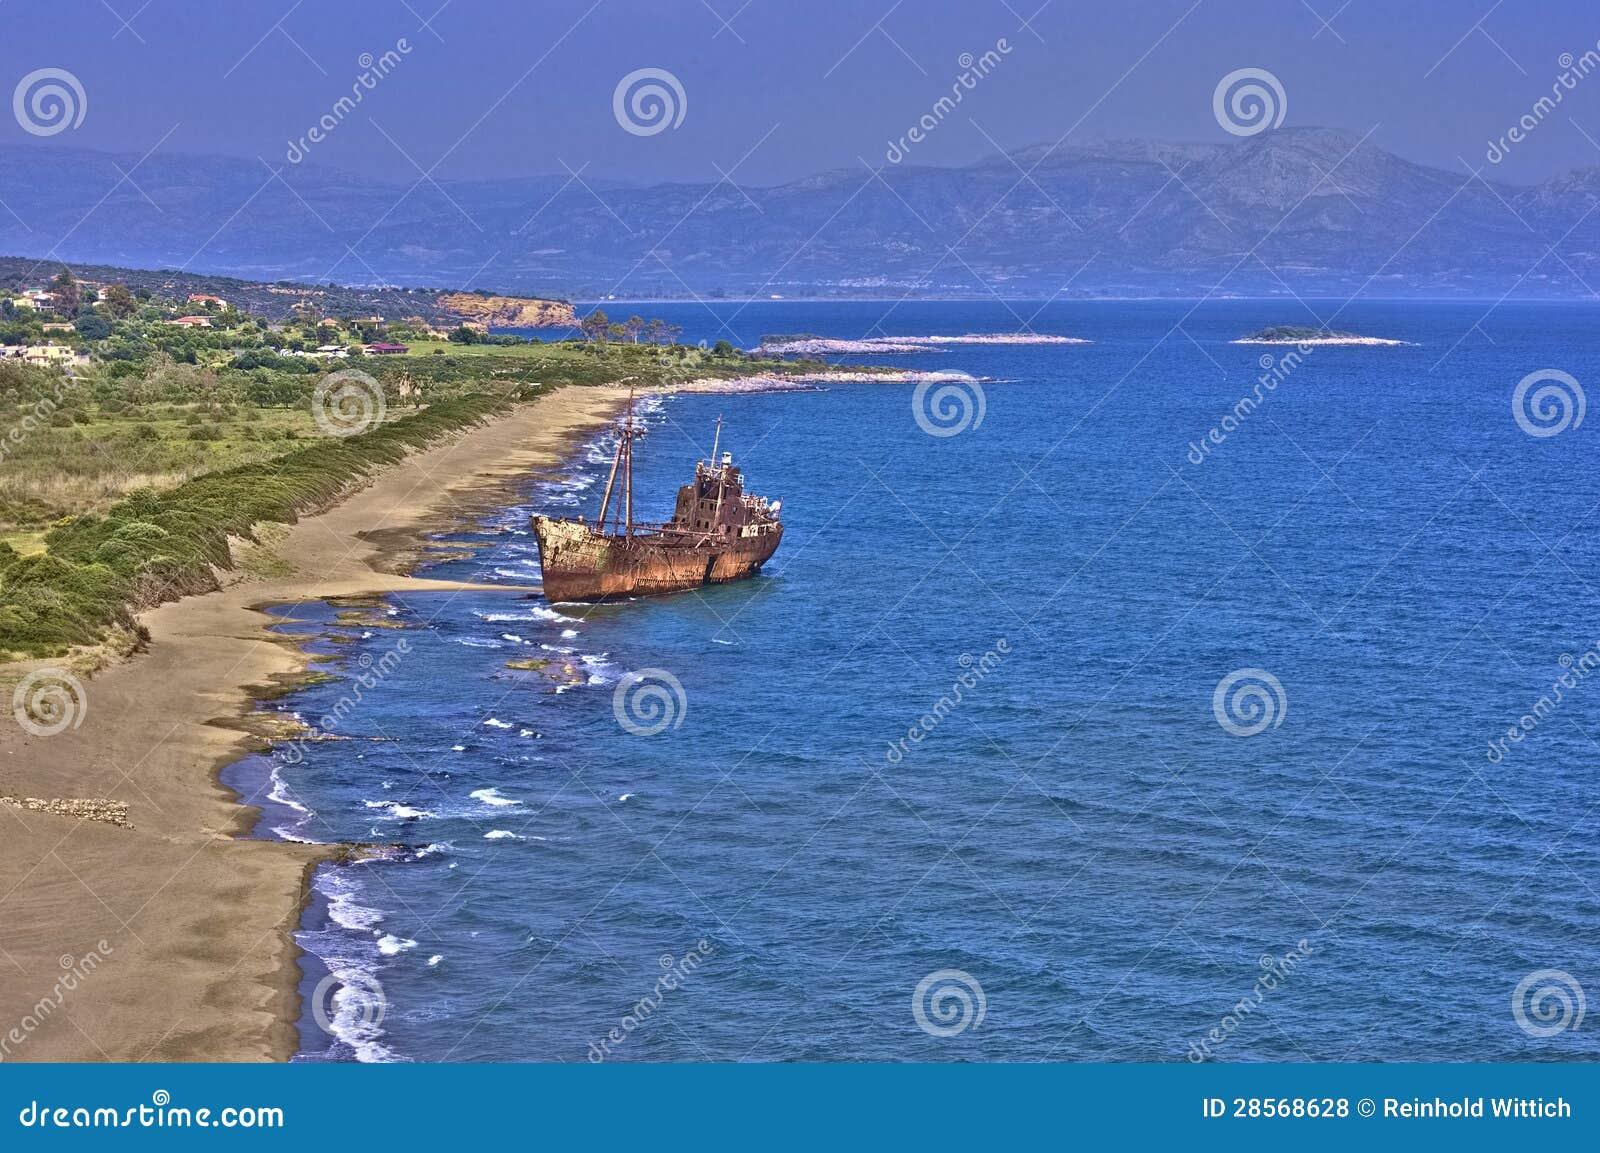 Ship Wreck Gythion